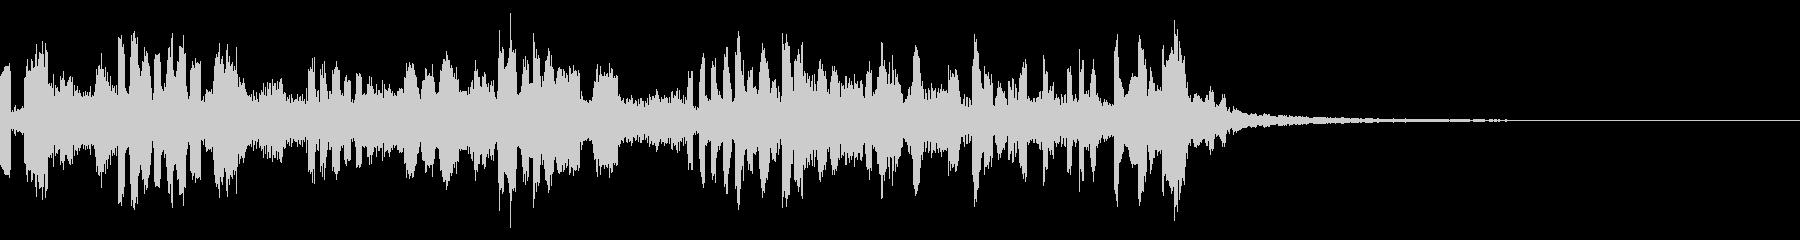 12秒ソング EDM 空間とスピードの未再生の波形